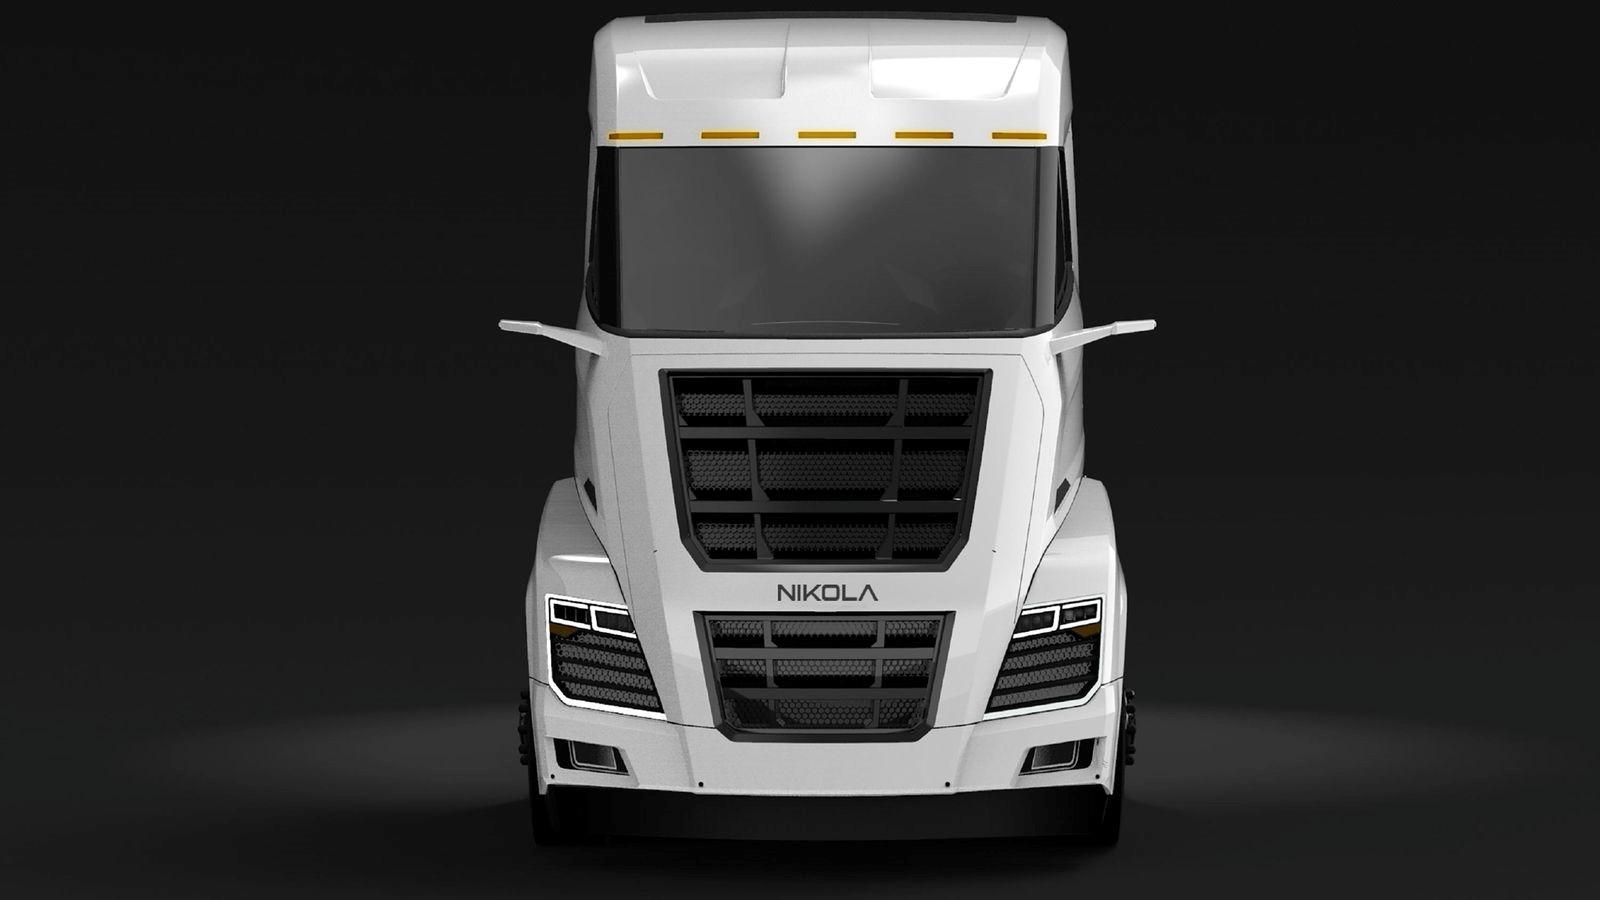 Nikola hybrid truck 2k duvarkağıdı